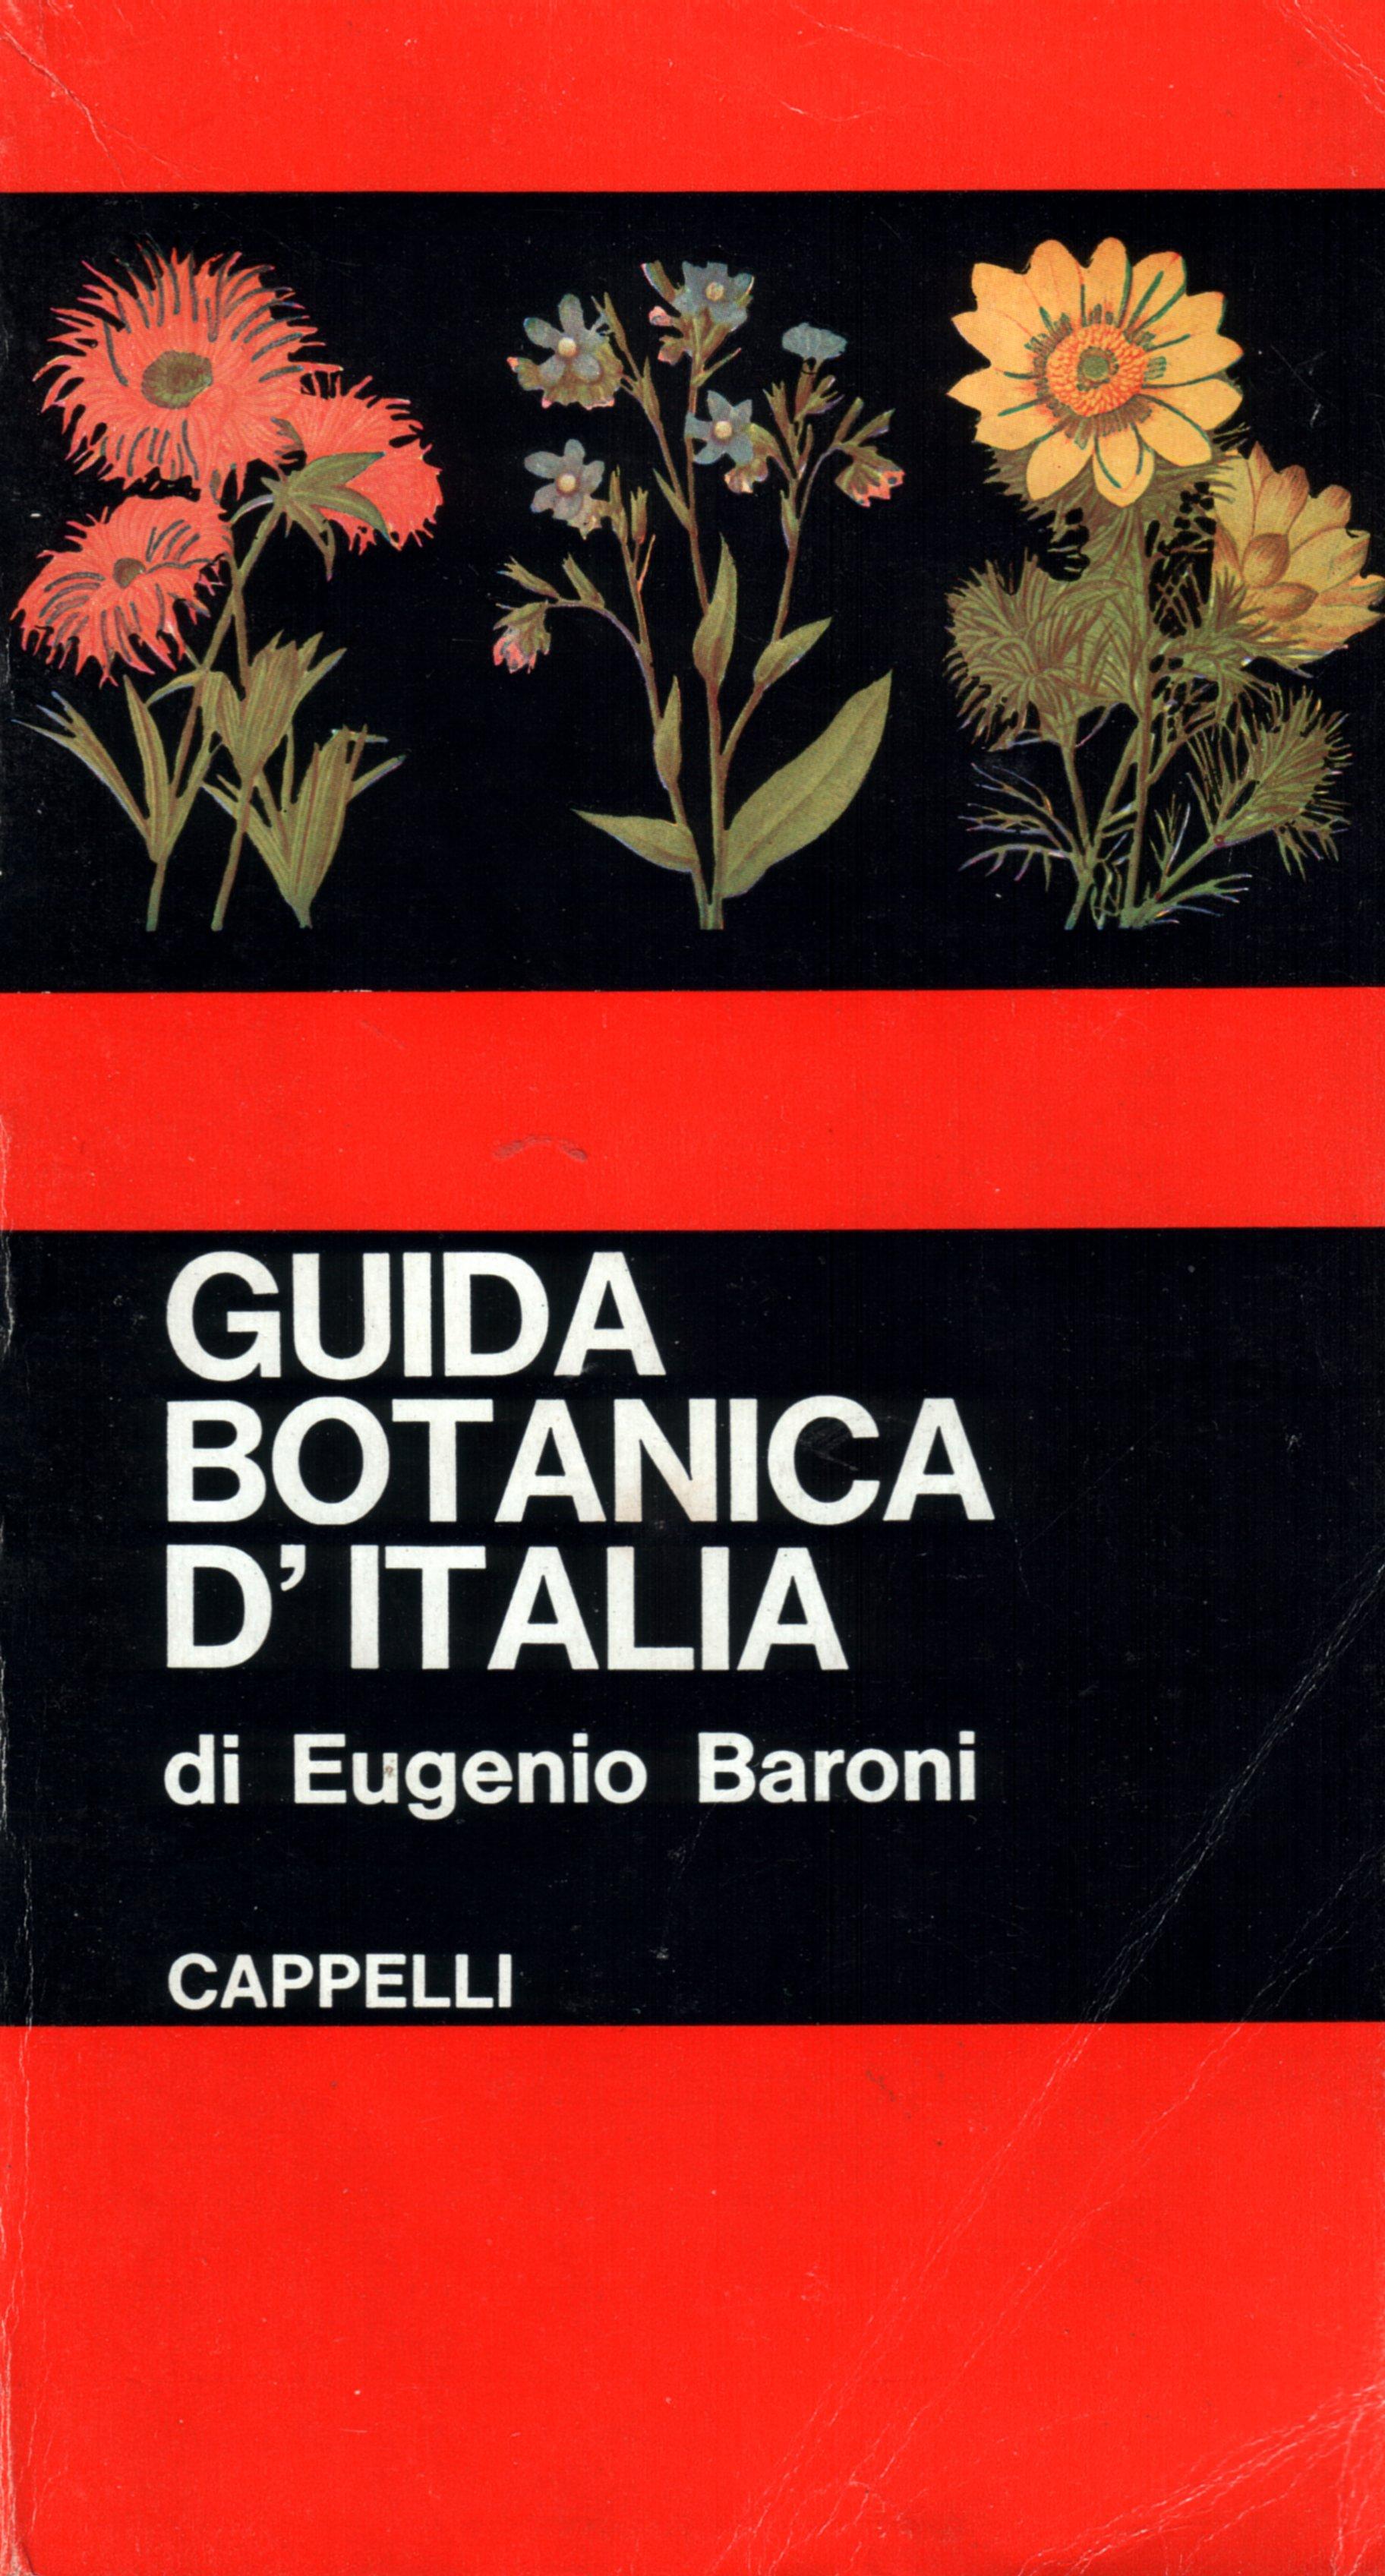 Guida botanica d'Italia